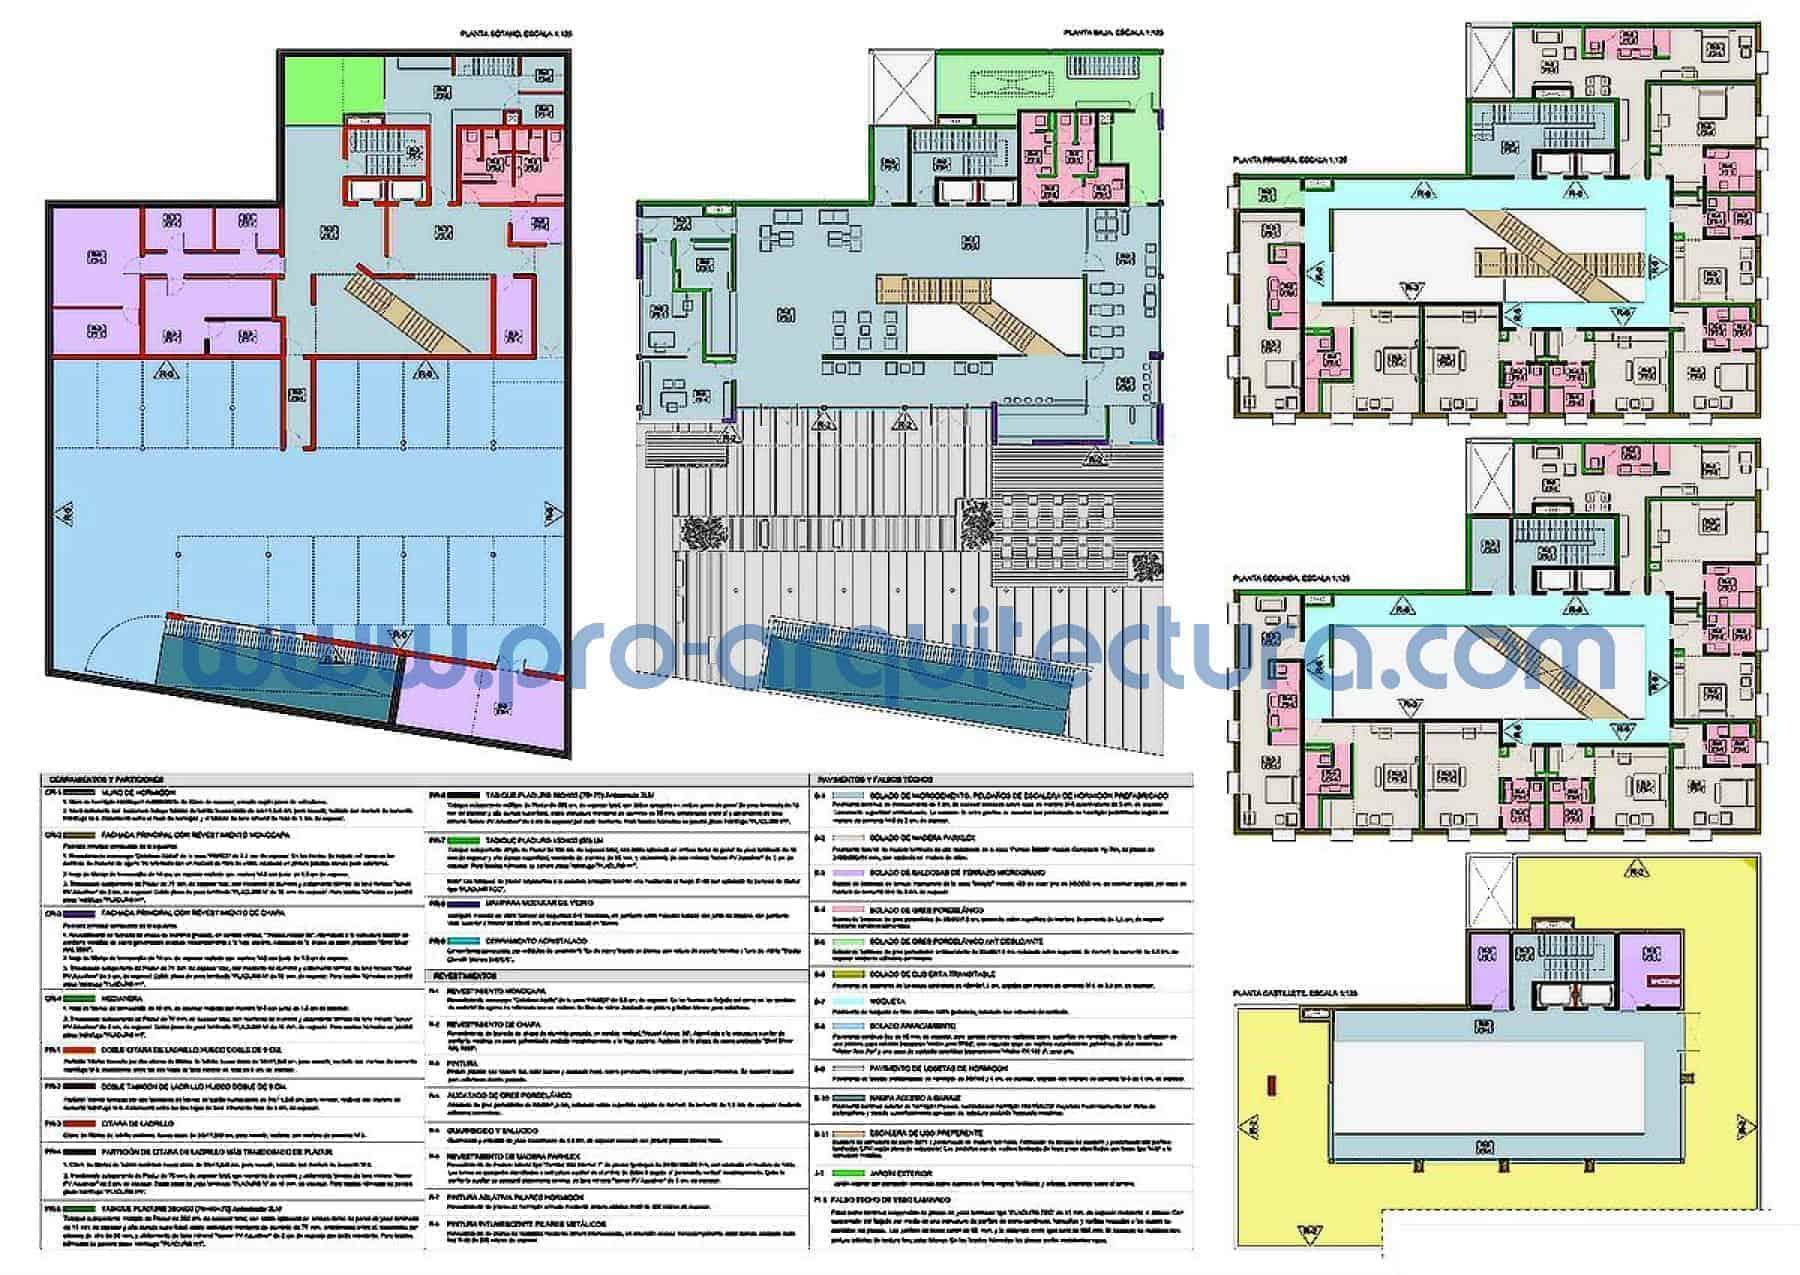 0017-06 Hotel en el centro - Planos de albañilería, revestimientos y acabados - Ayuda con la entrega del pfc pfg tfg tfm de arquitectura.